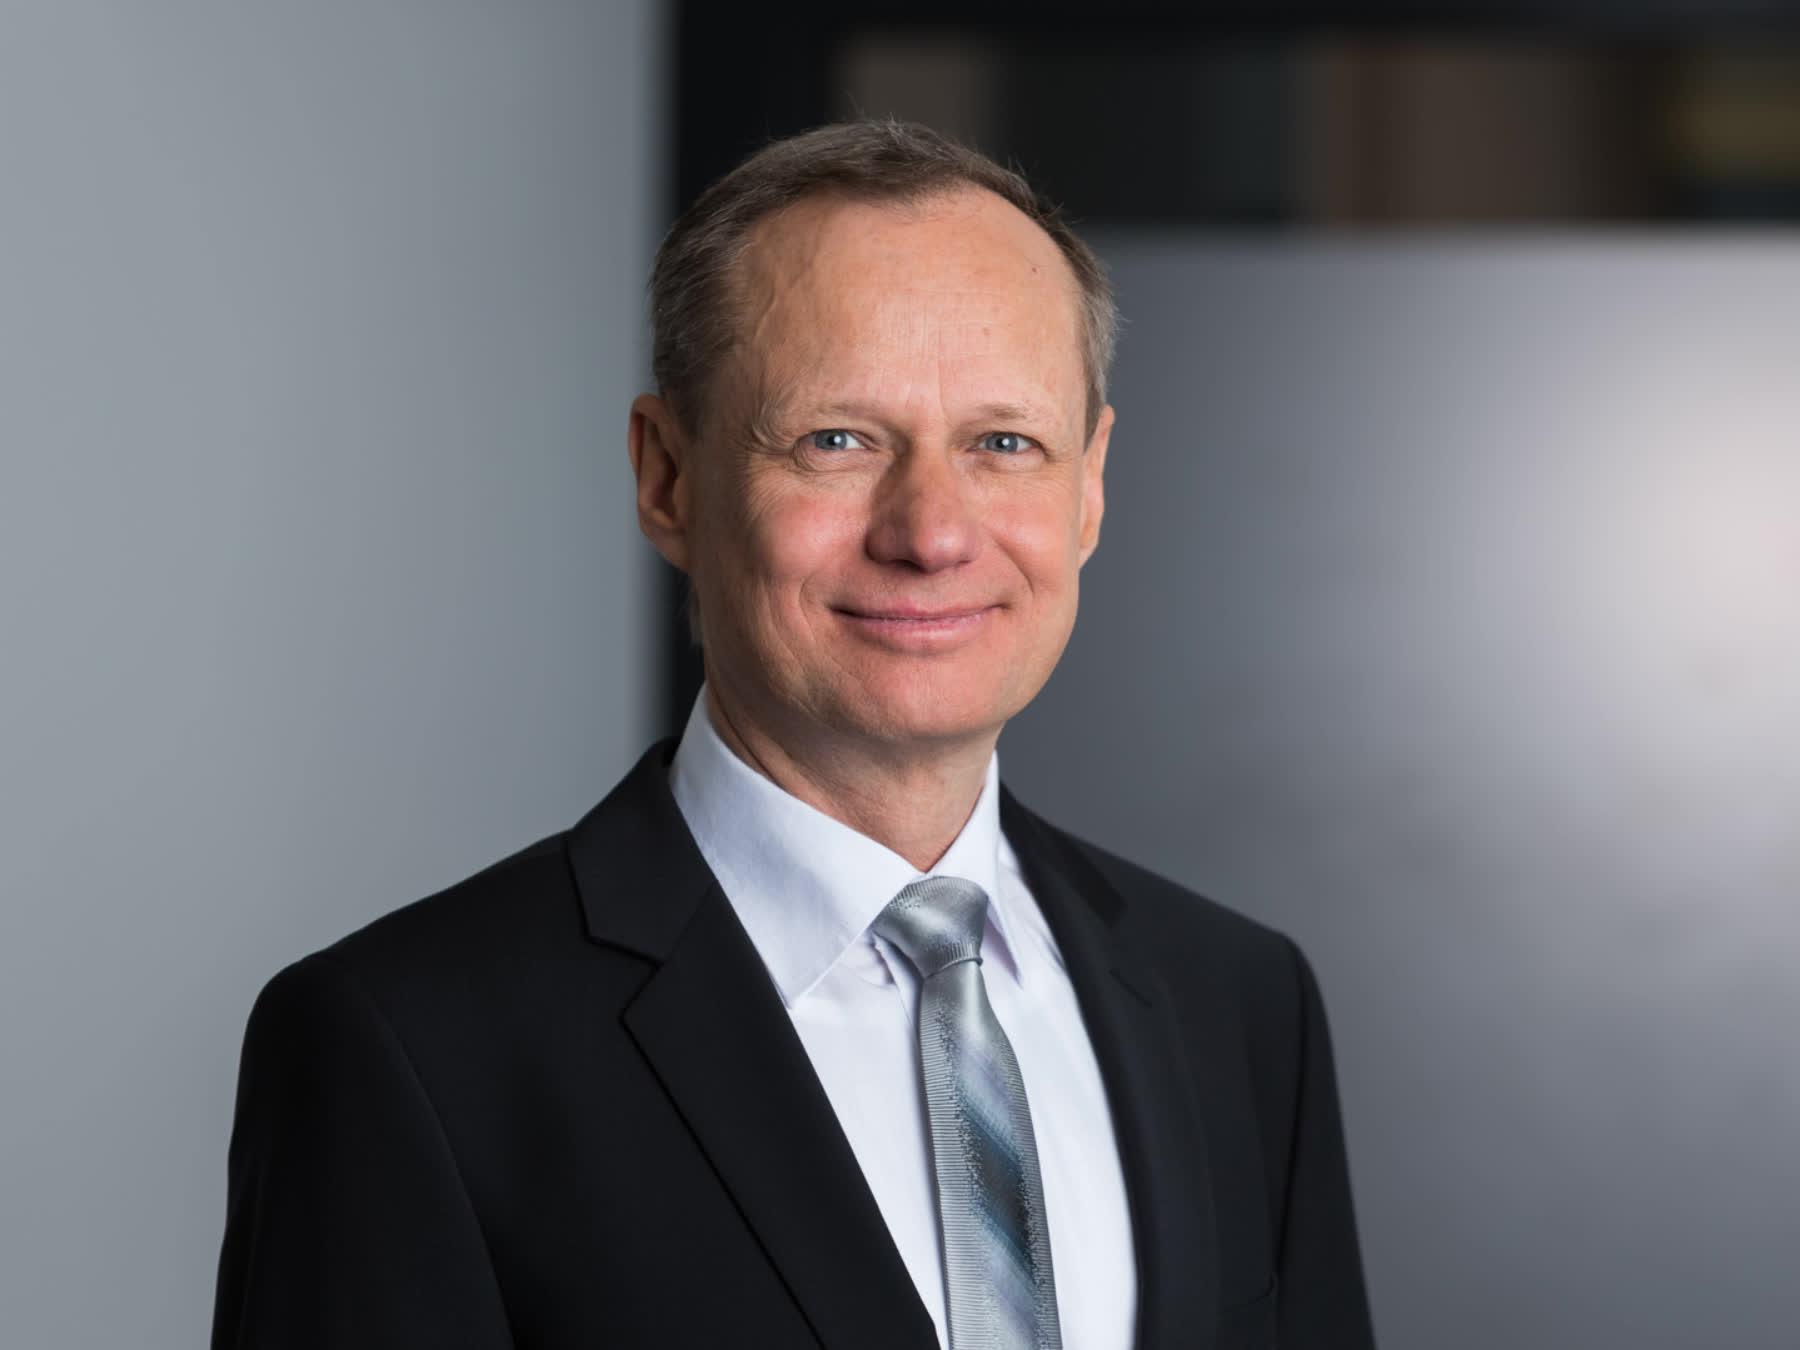 Businessportrait Mann mit Krawatte und dunklem Anzug